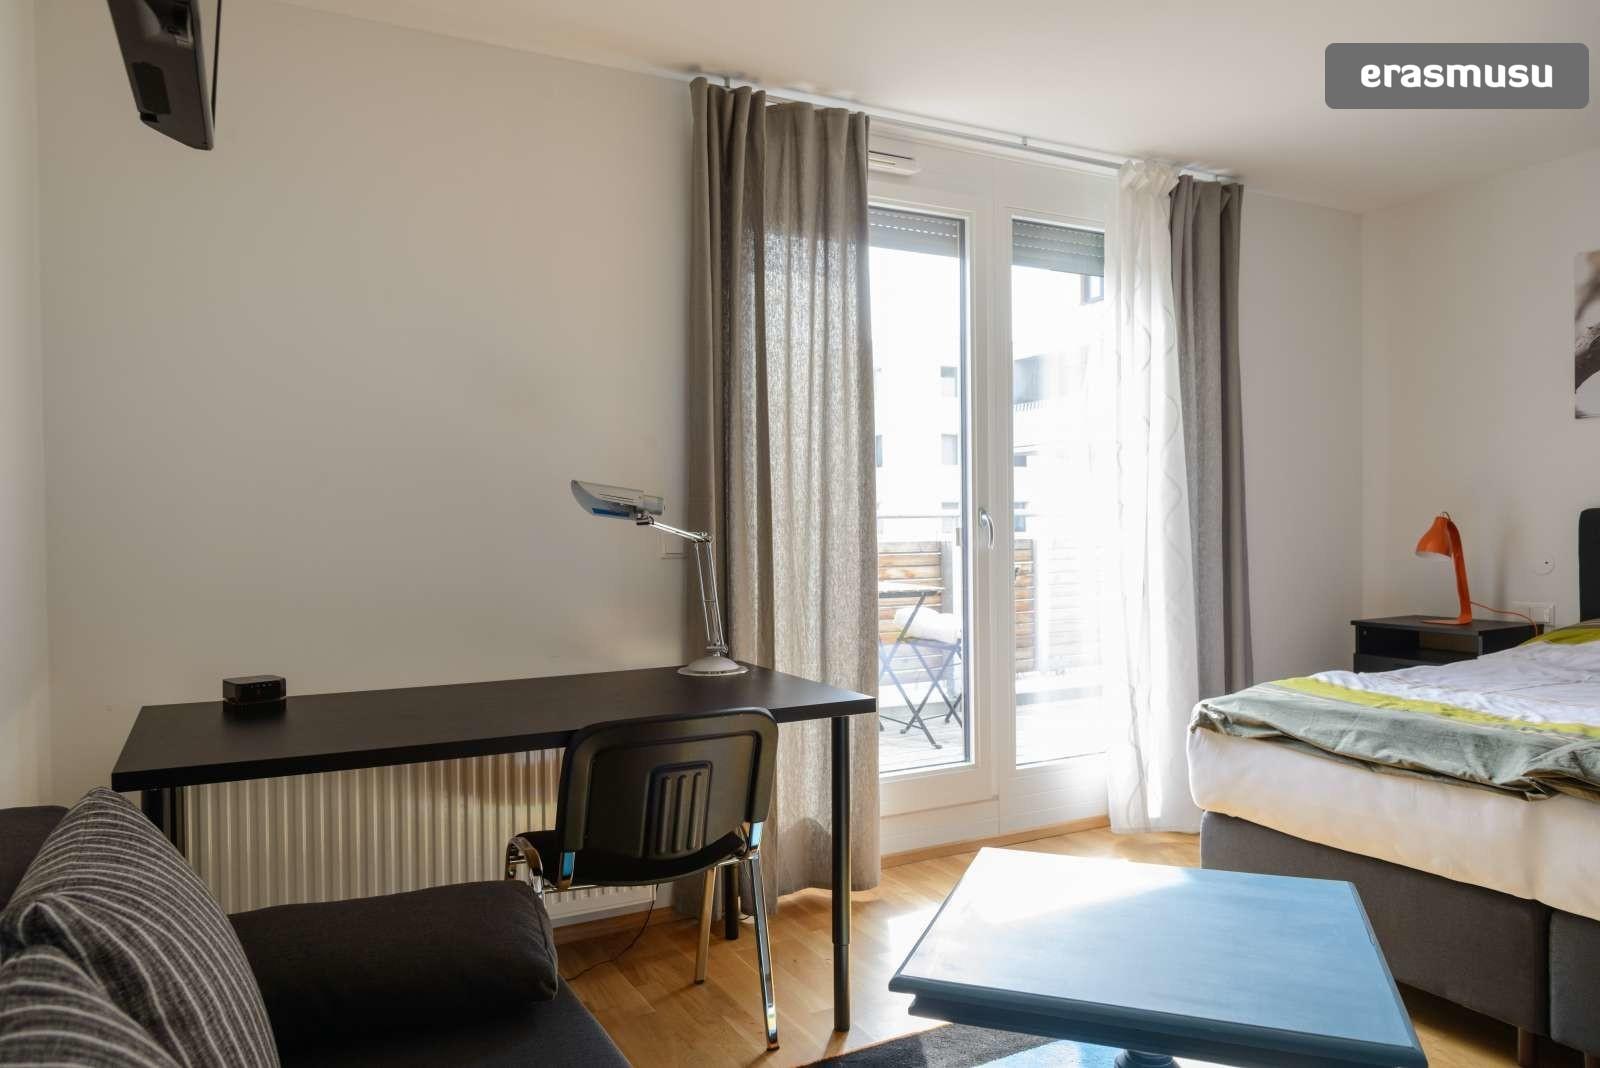 spacious-studio-apartment-rent-aspern-area-donaustadt-c01ed5ecfc